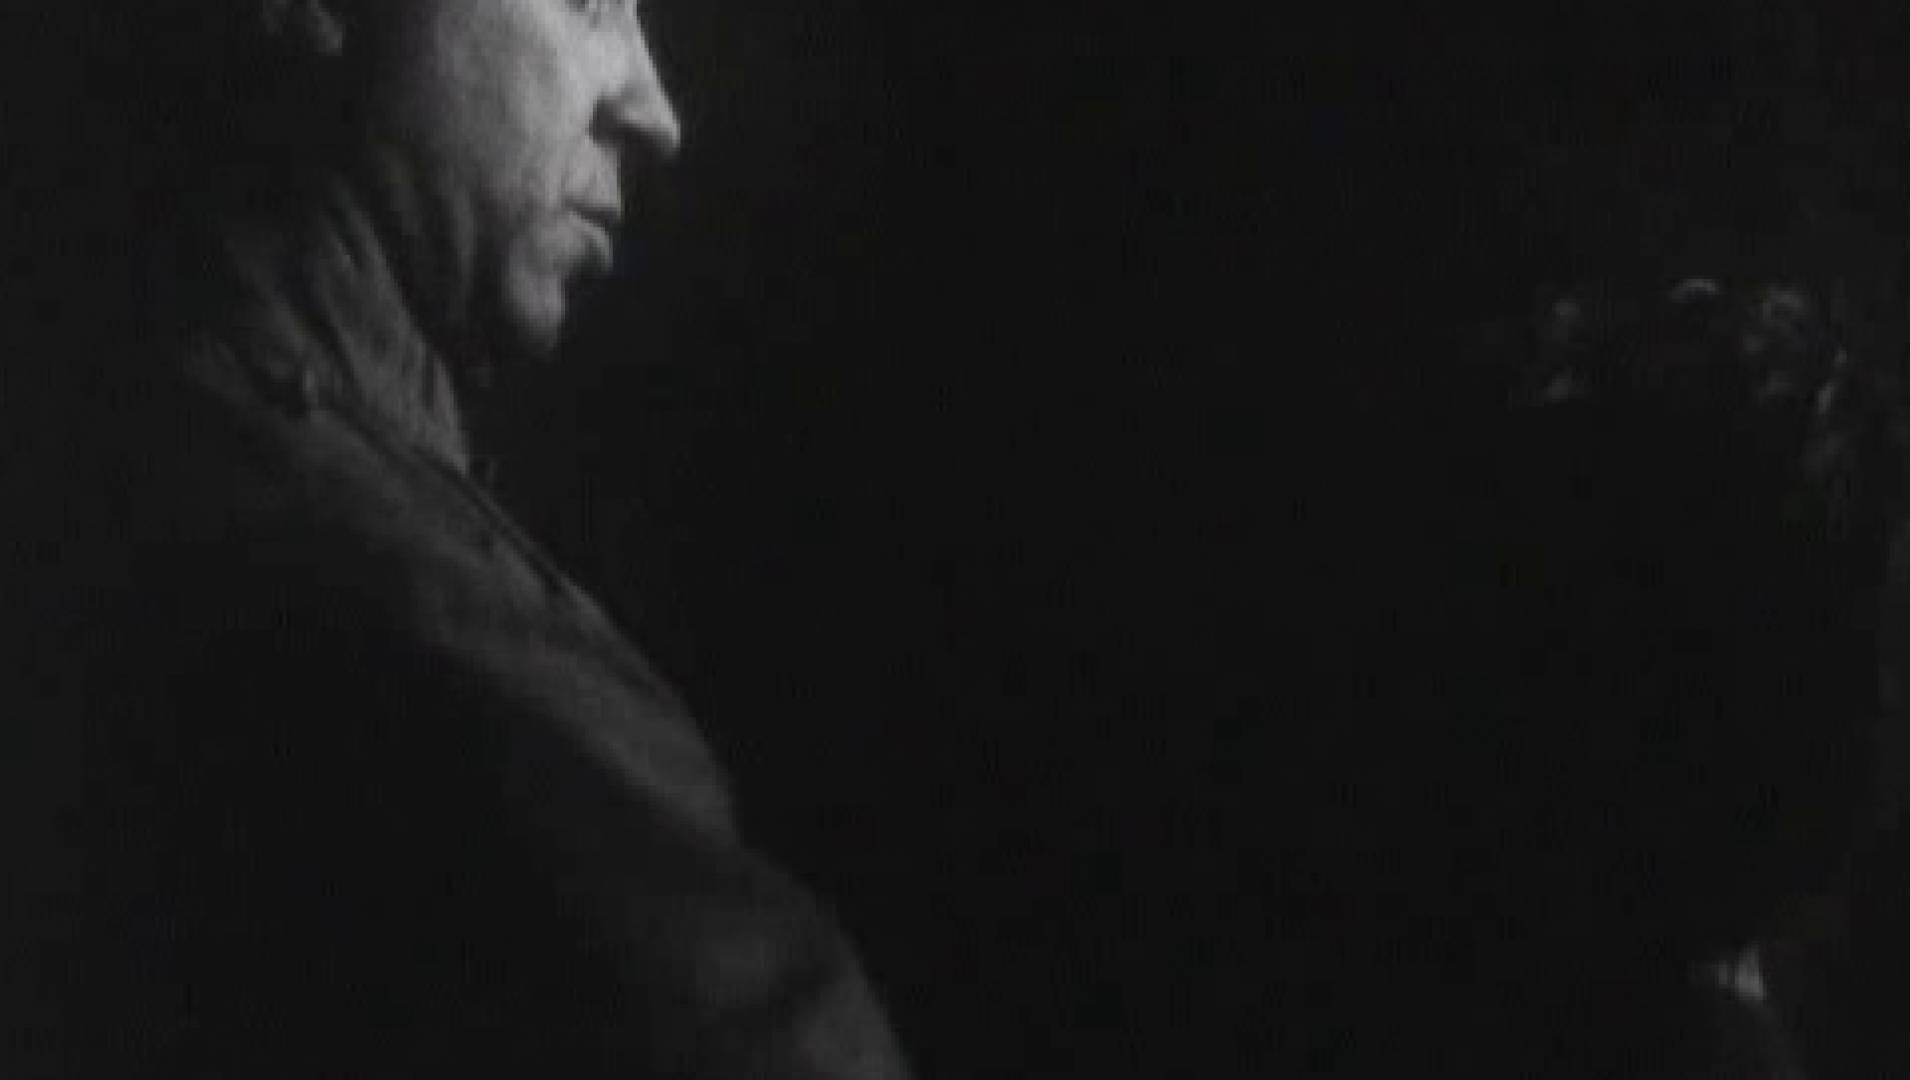 Замри-умри-воскресни - Киноповесть, Фильм